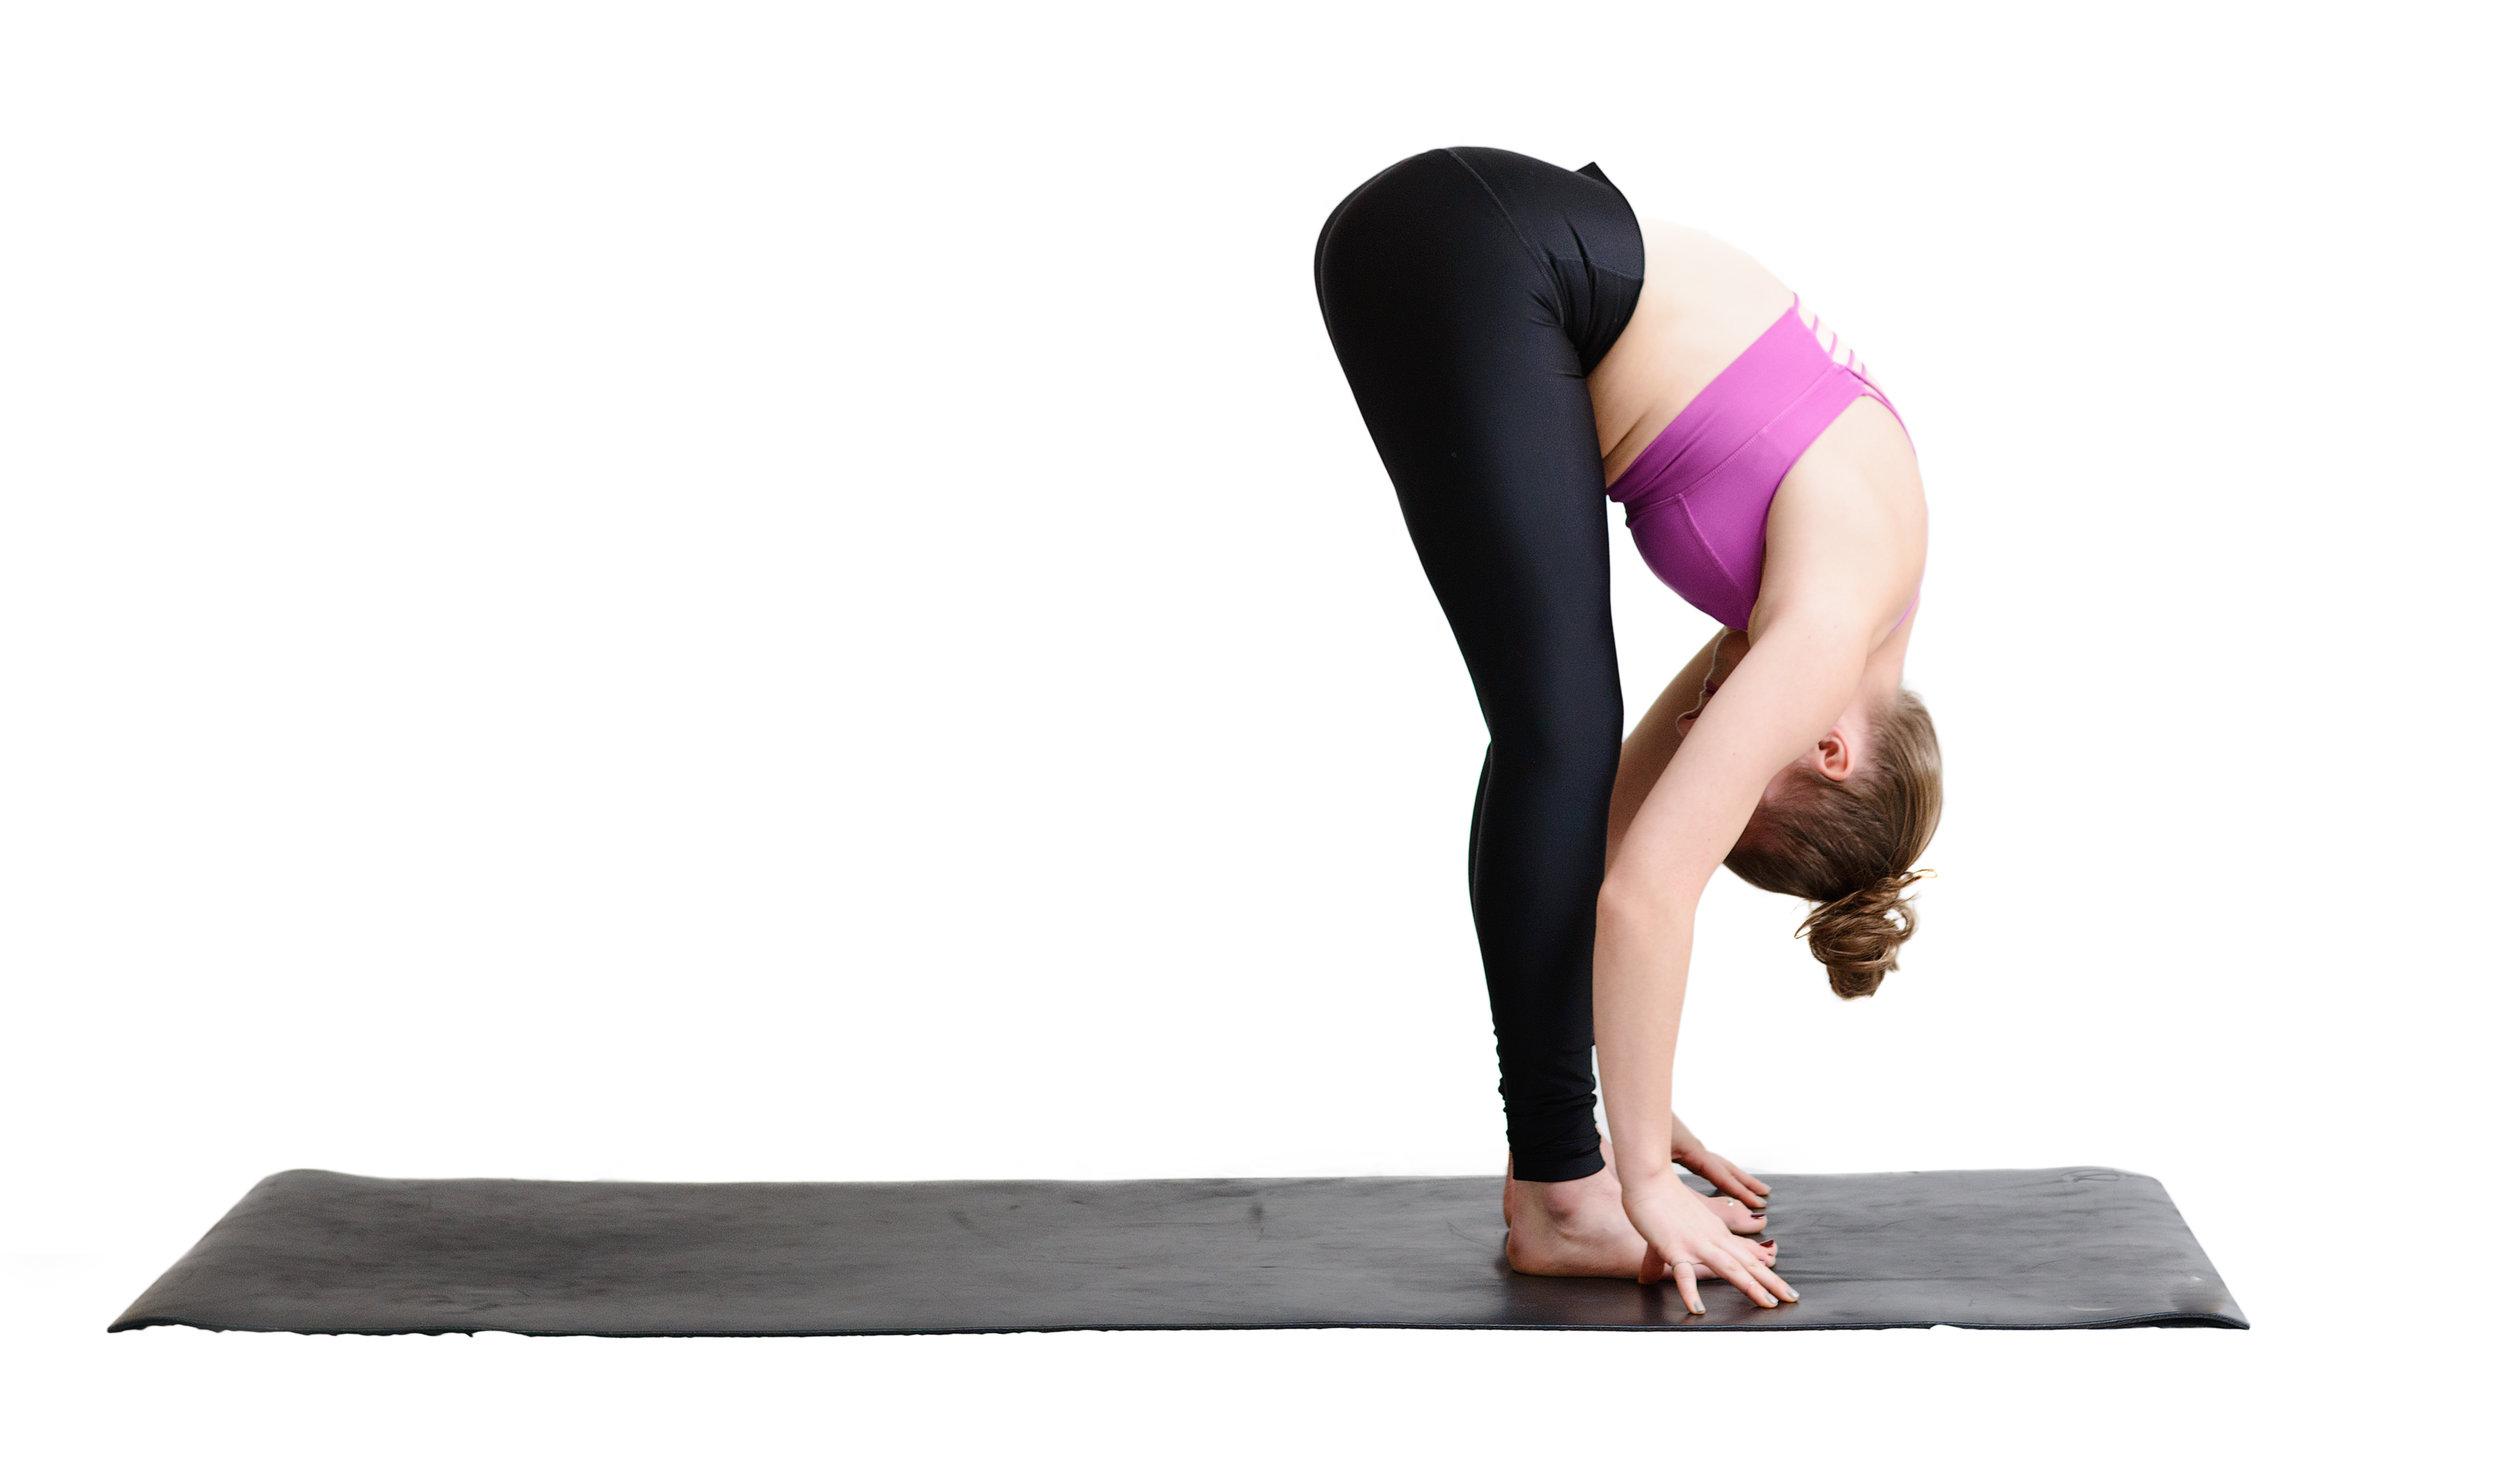 Jovette_PT&Yoga_003.jpg